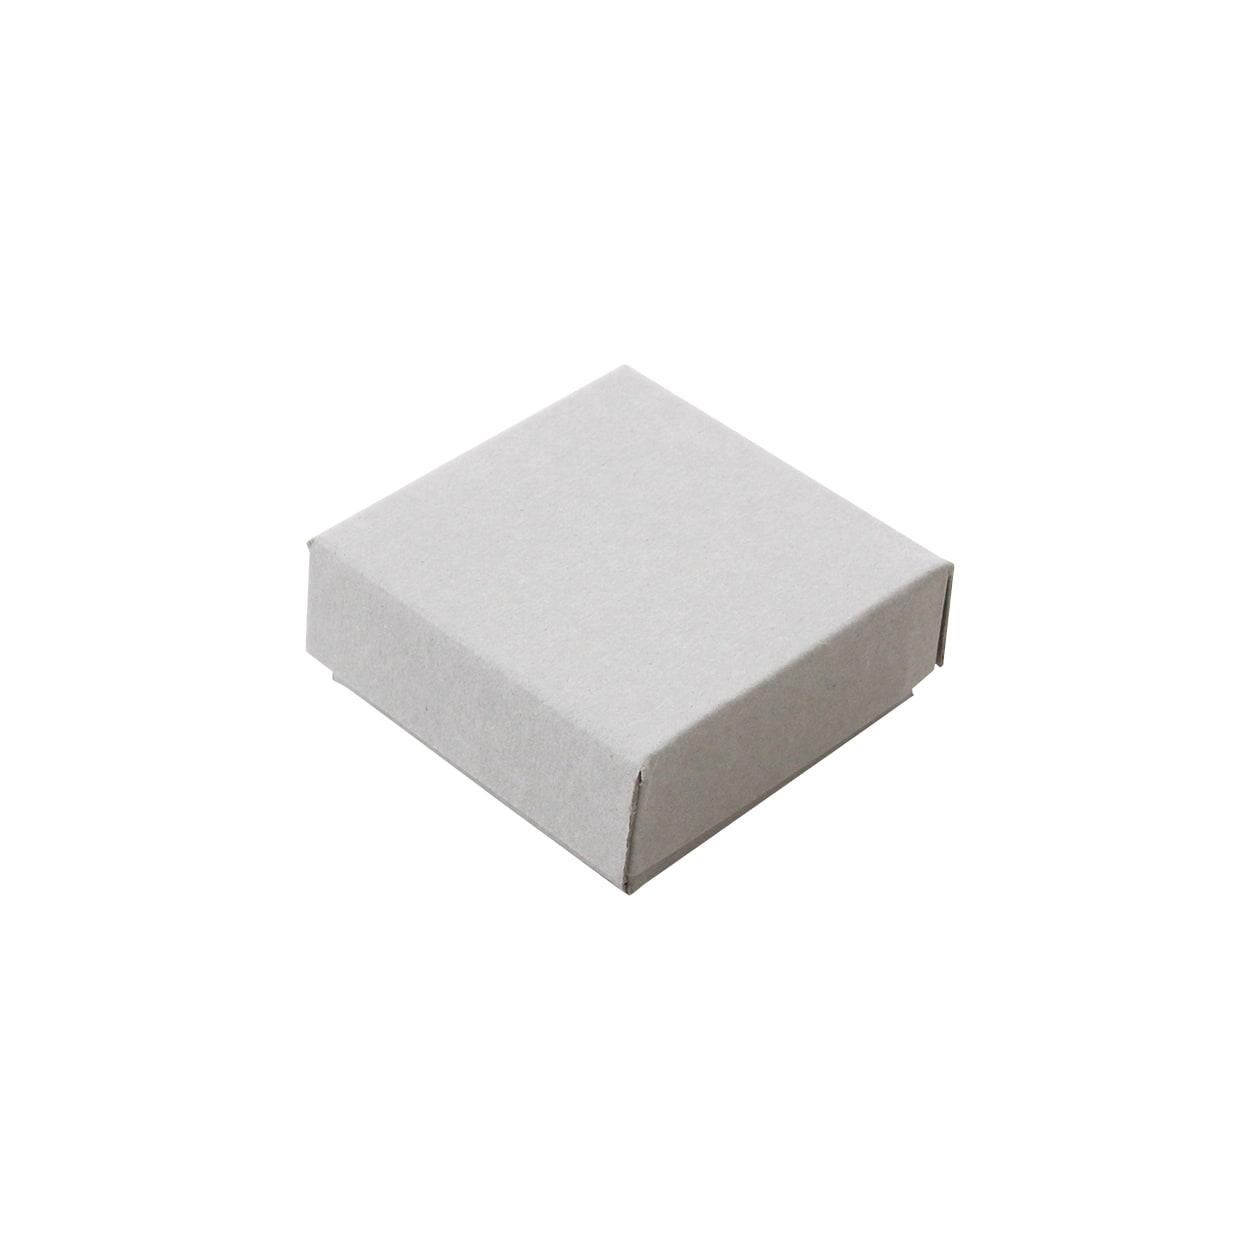 #386糊どめ箱 ボード紙 グレー 600g